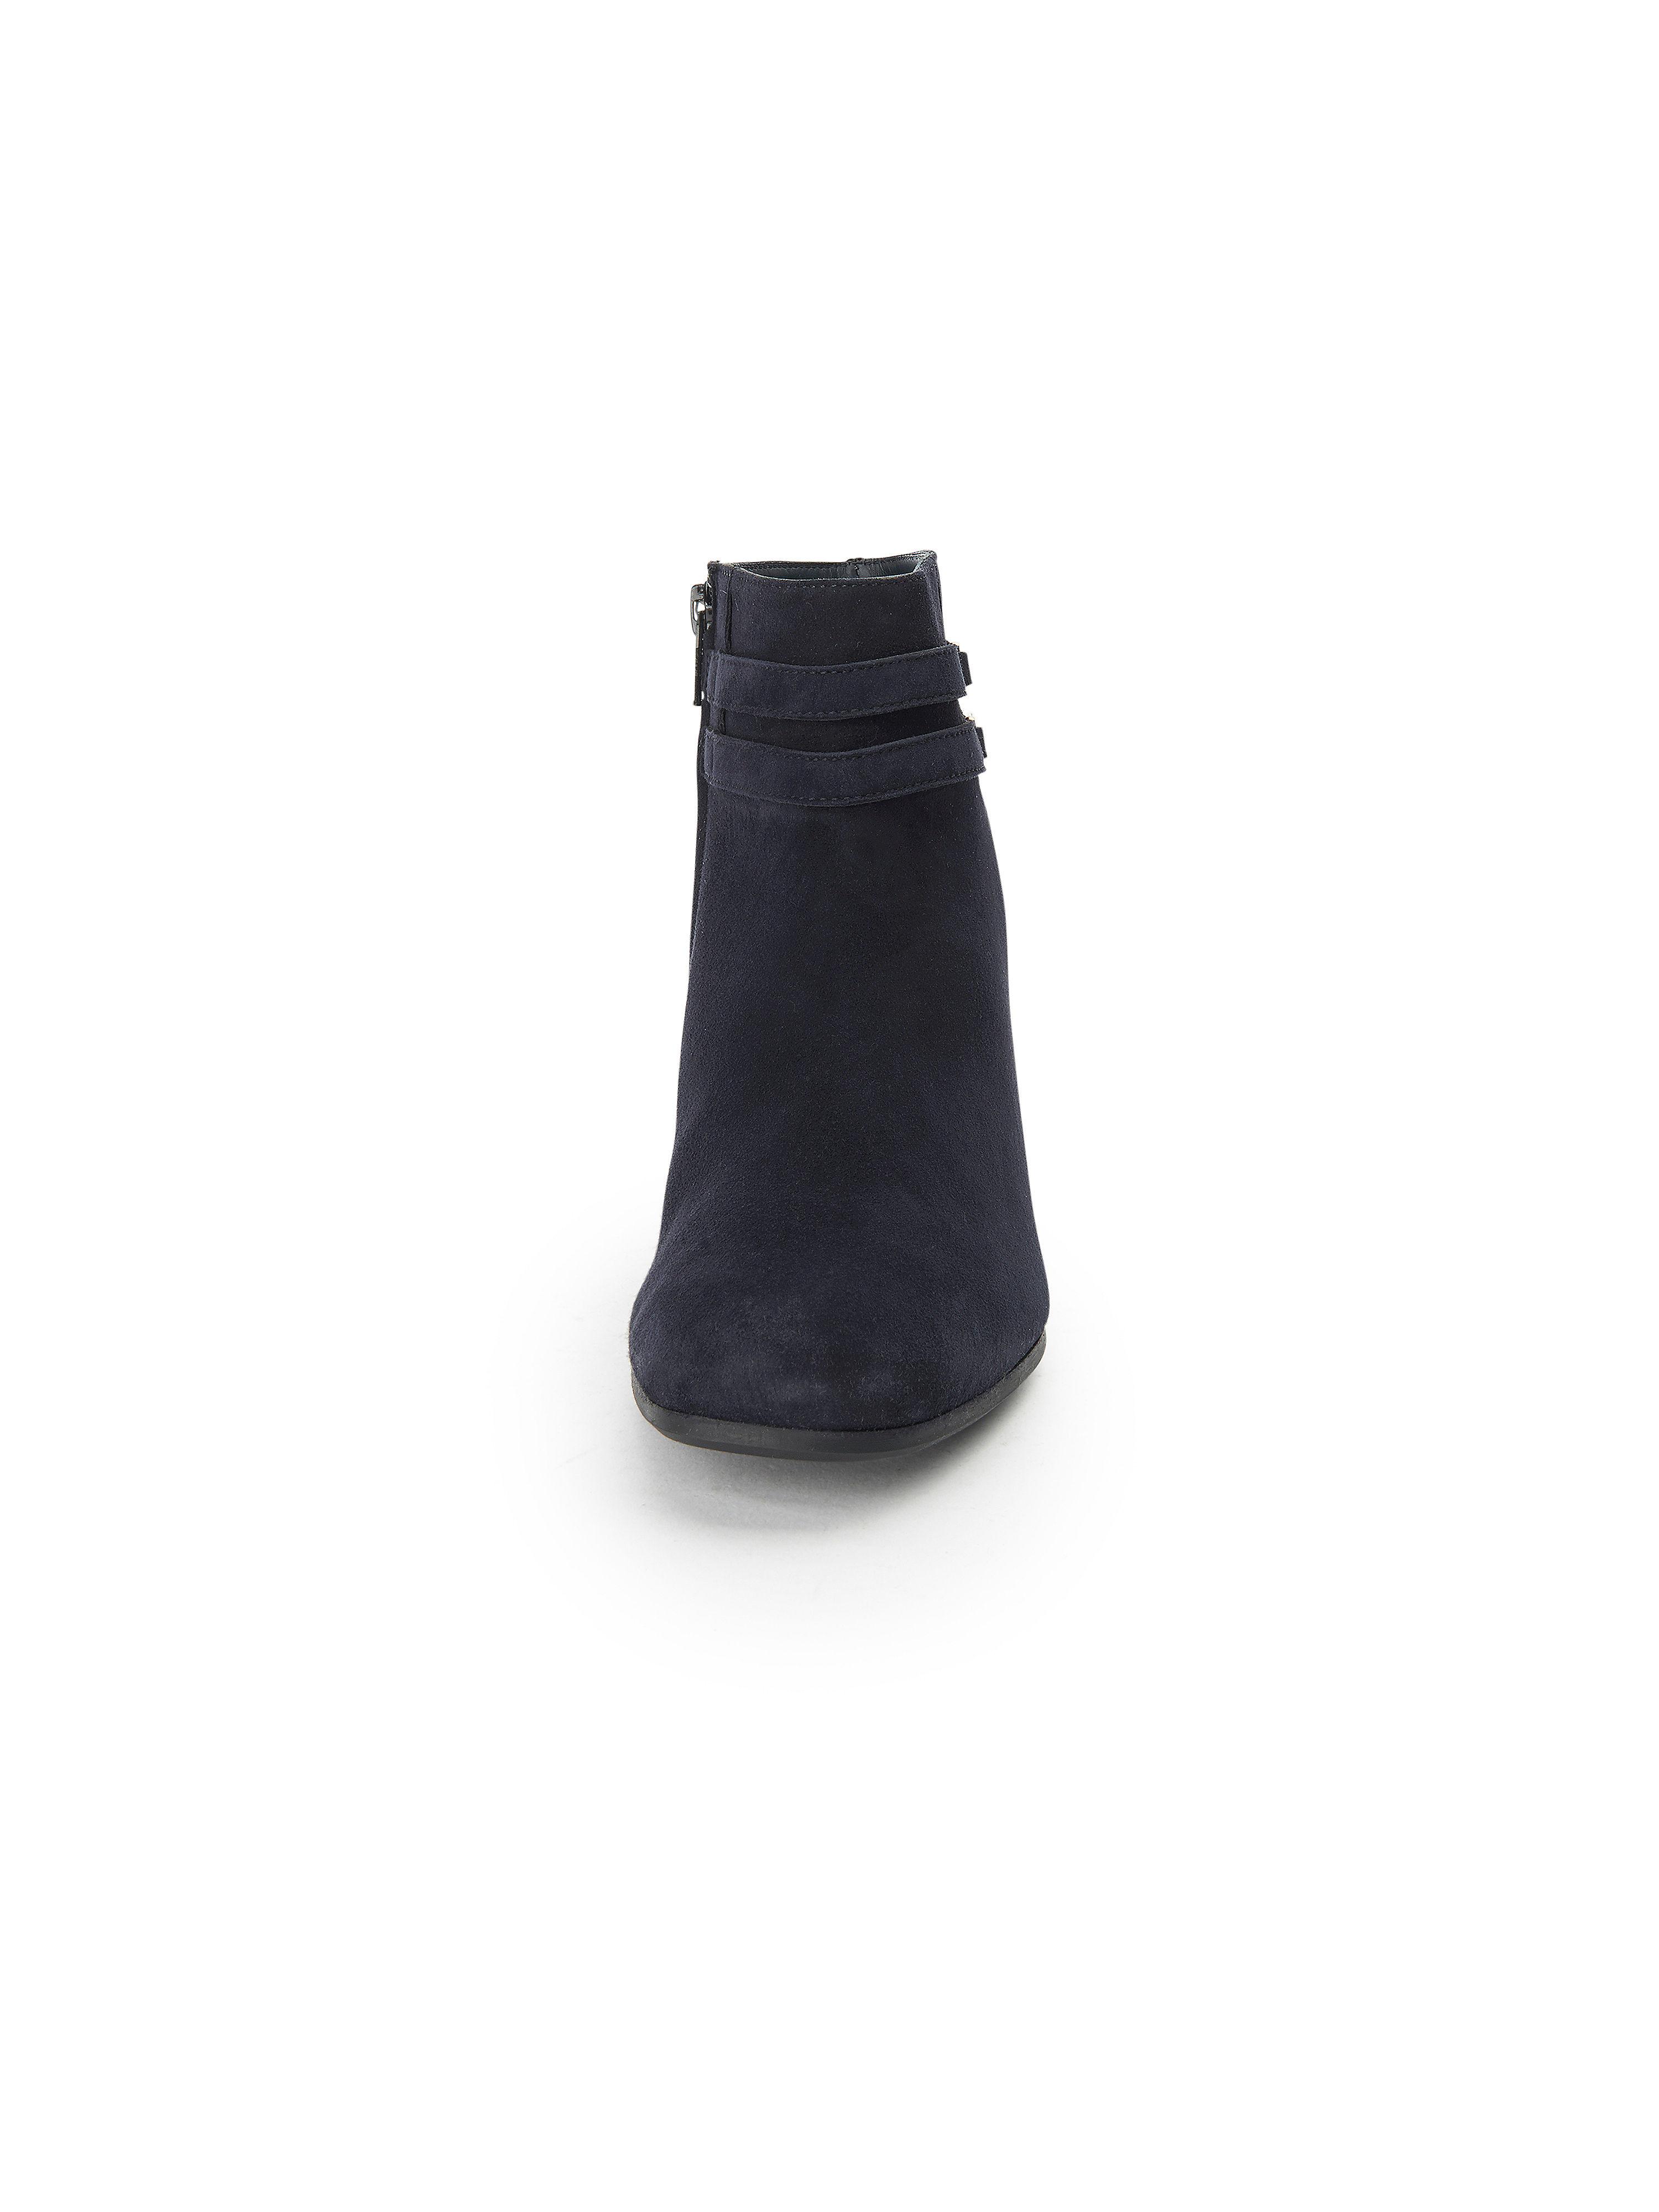 Paul Green - Stiefelette aus Gute 100% Leder - Marine Gute aus Qualität beliebte Schuhe efdc17